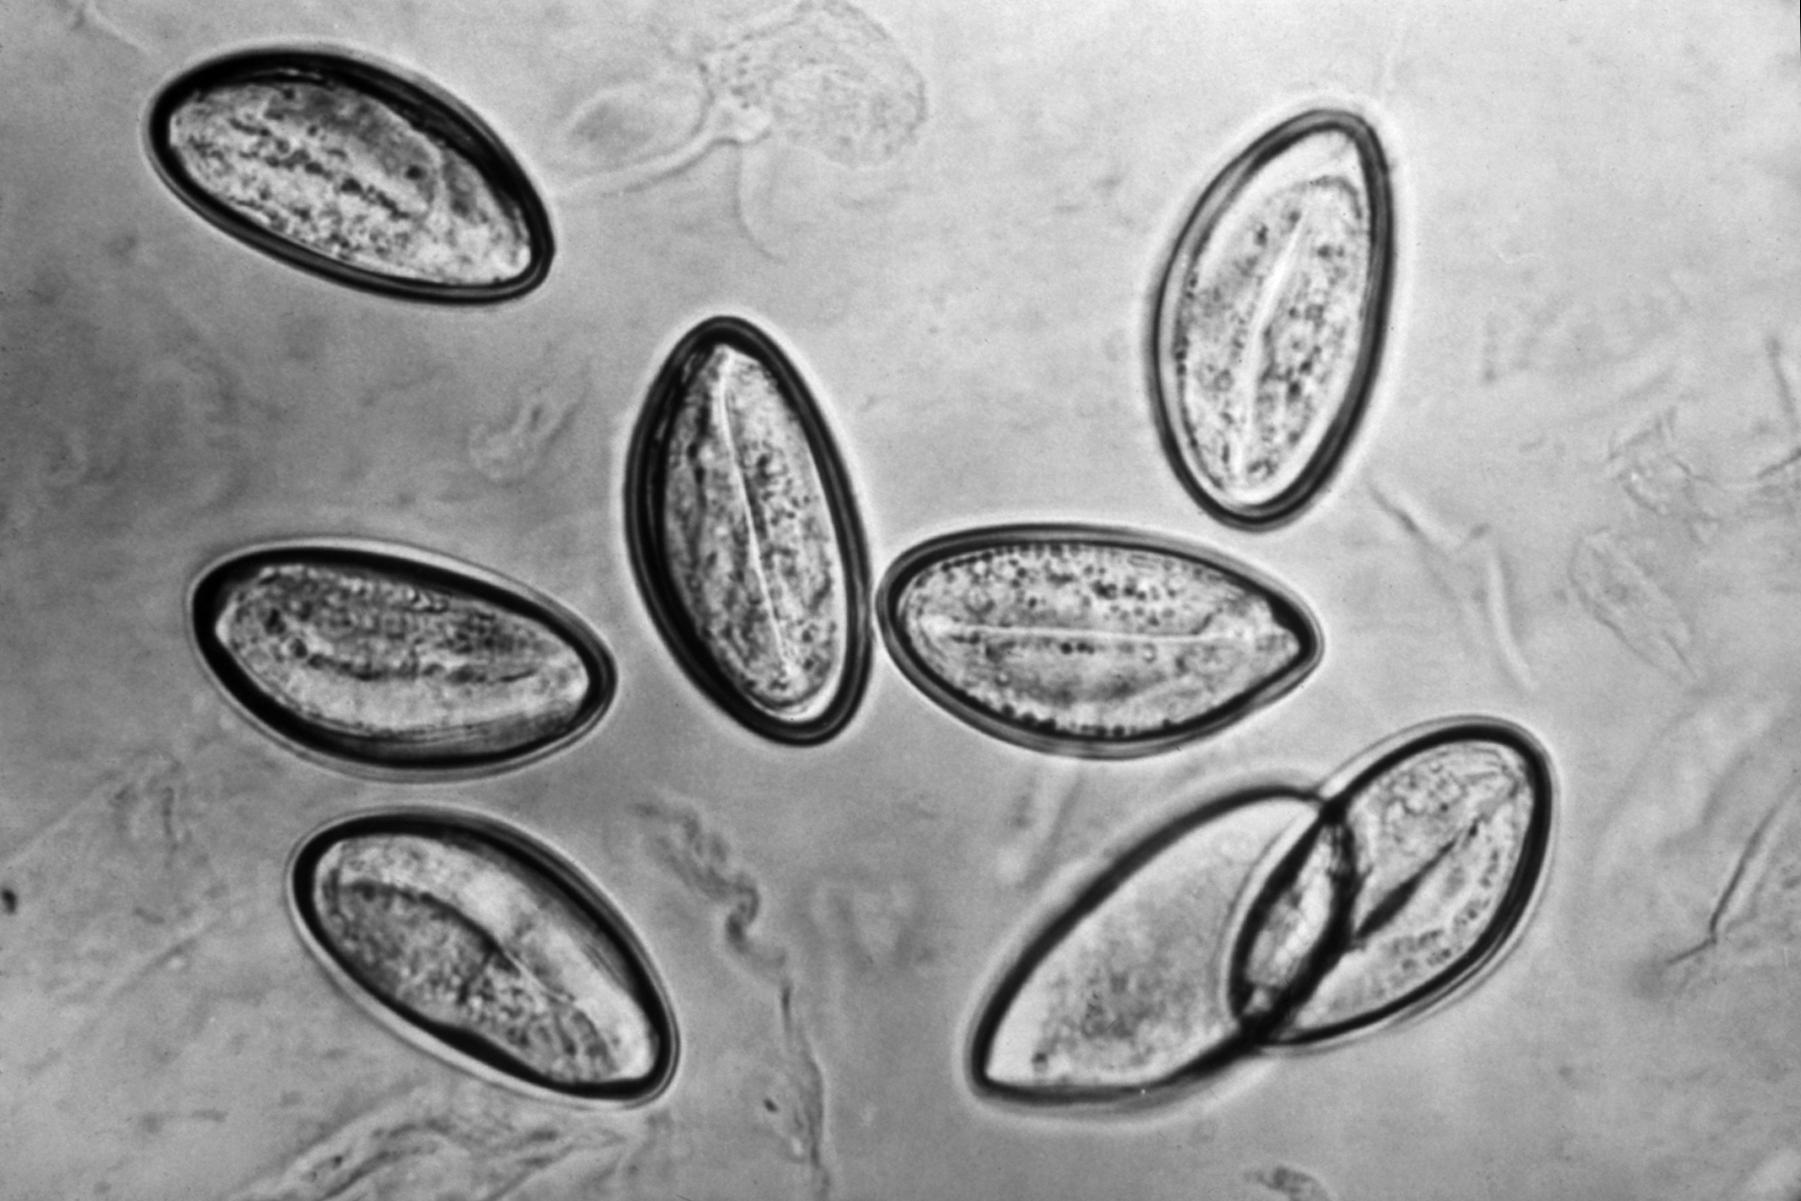 enterobius vermicularis albendazol)